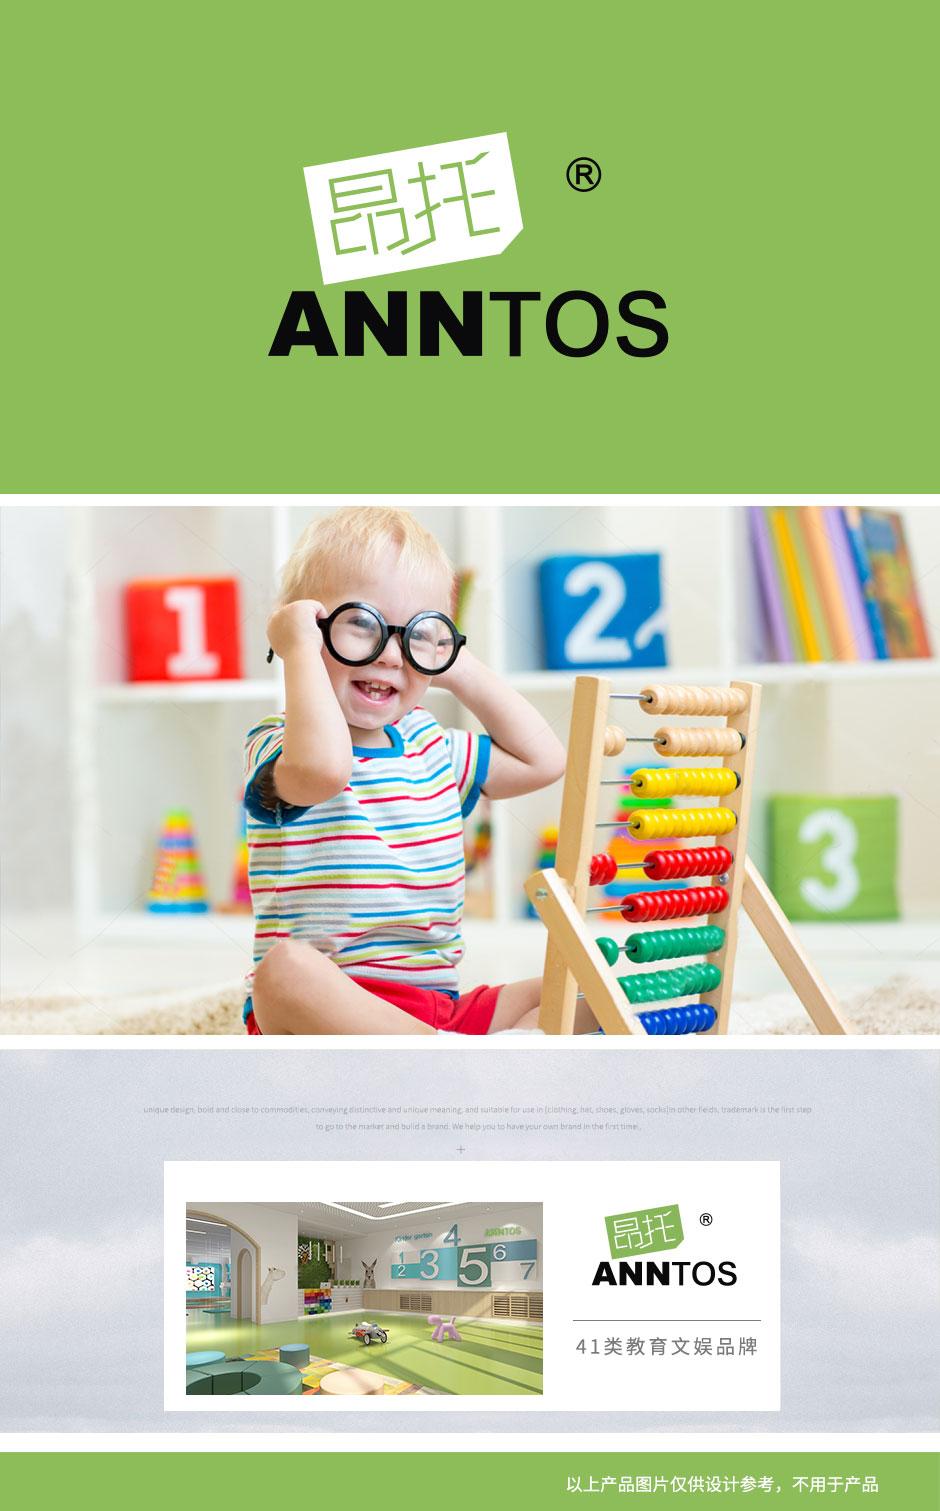 第41类-昂托-ANNTOS